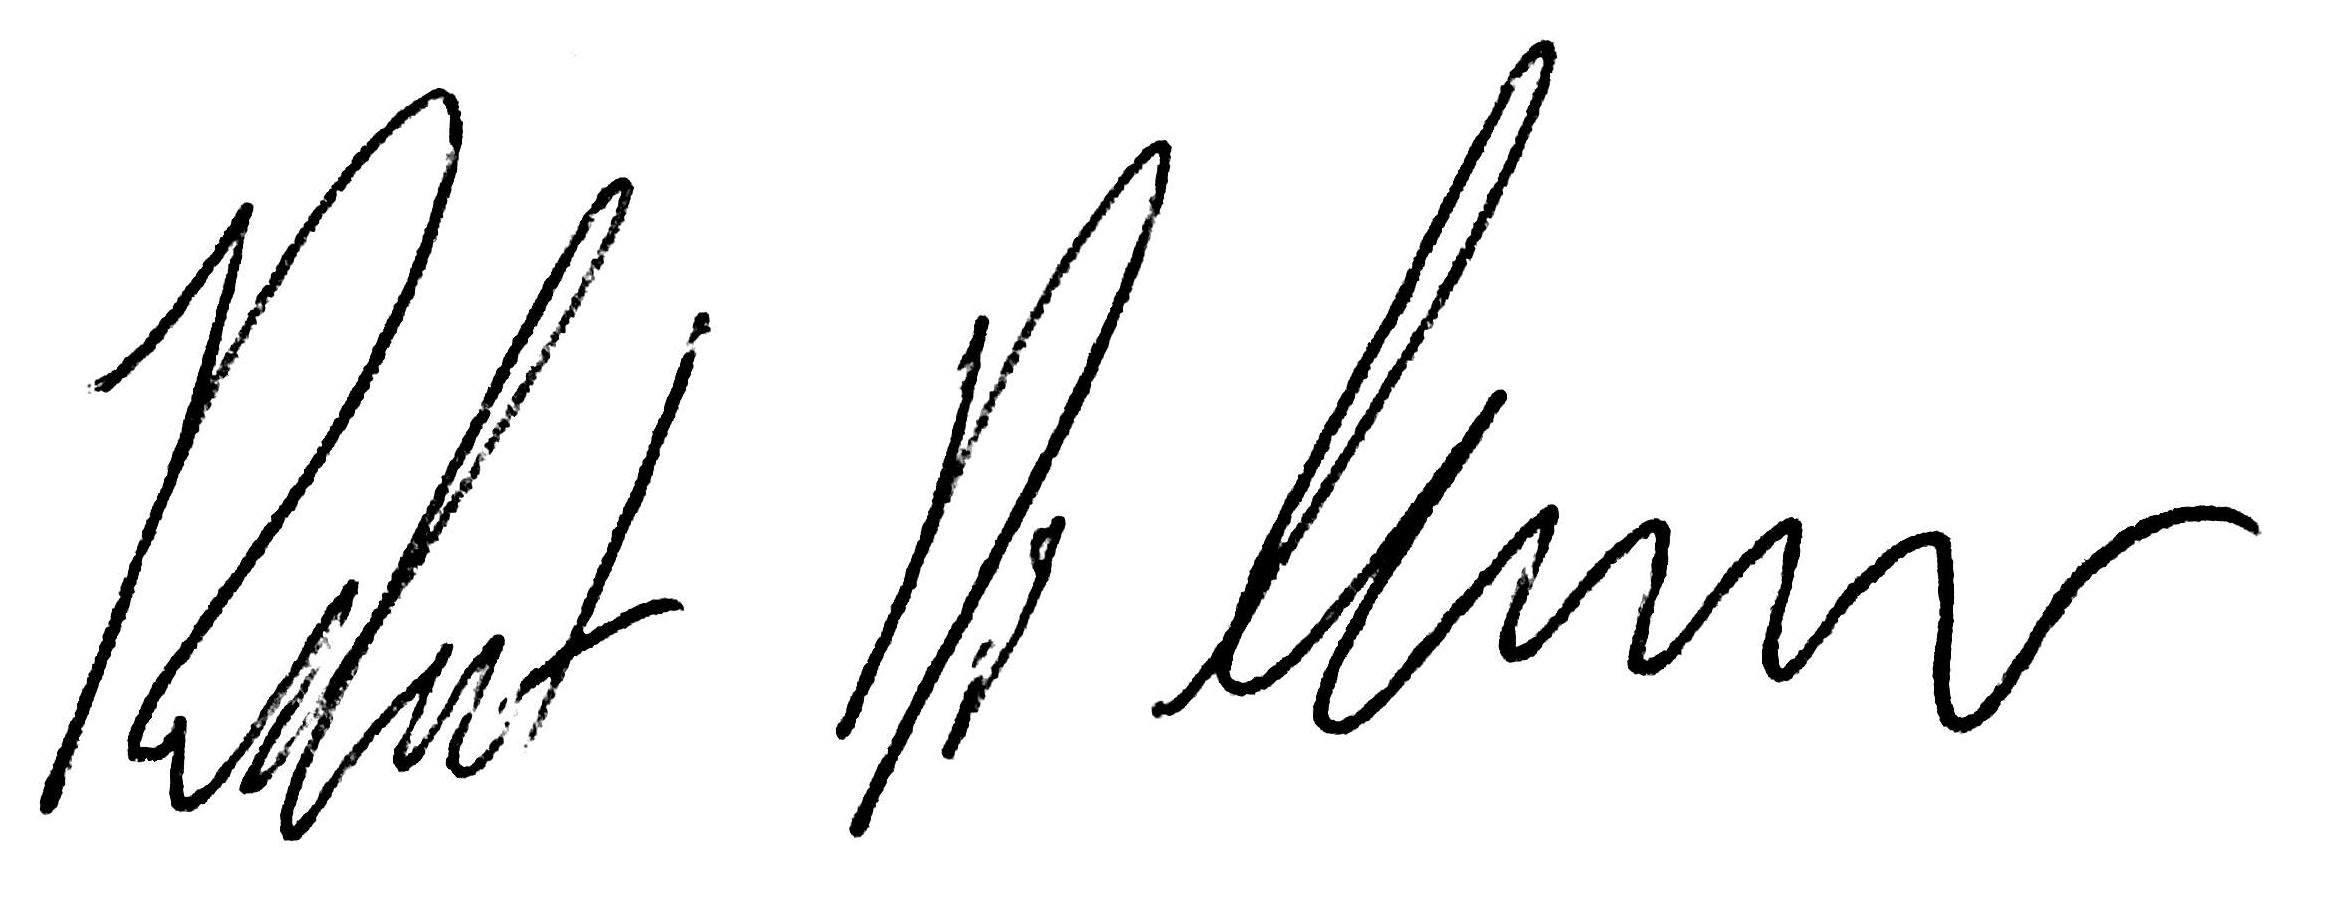 Robert Di Marco Signature.jpg